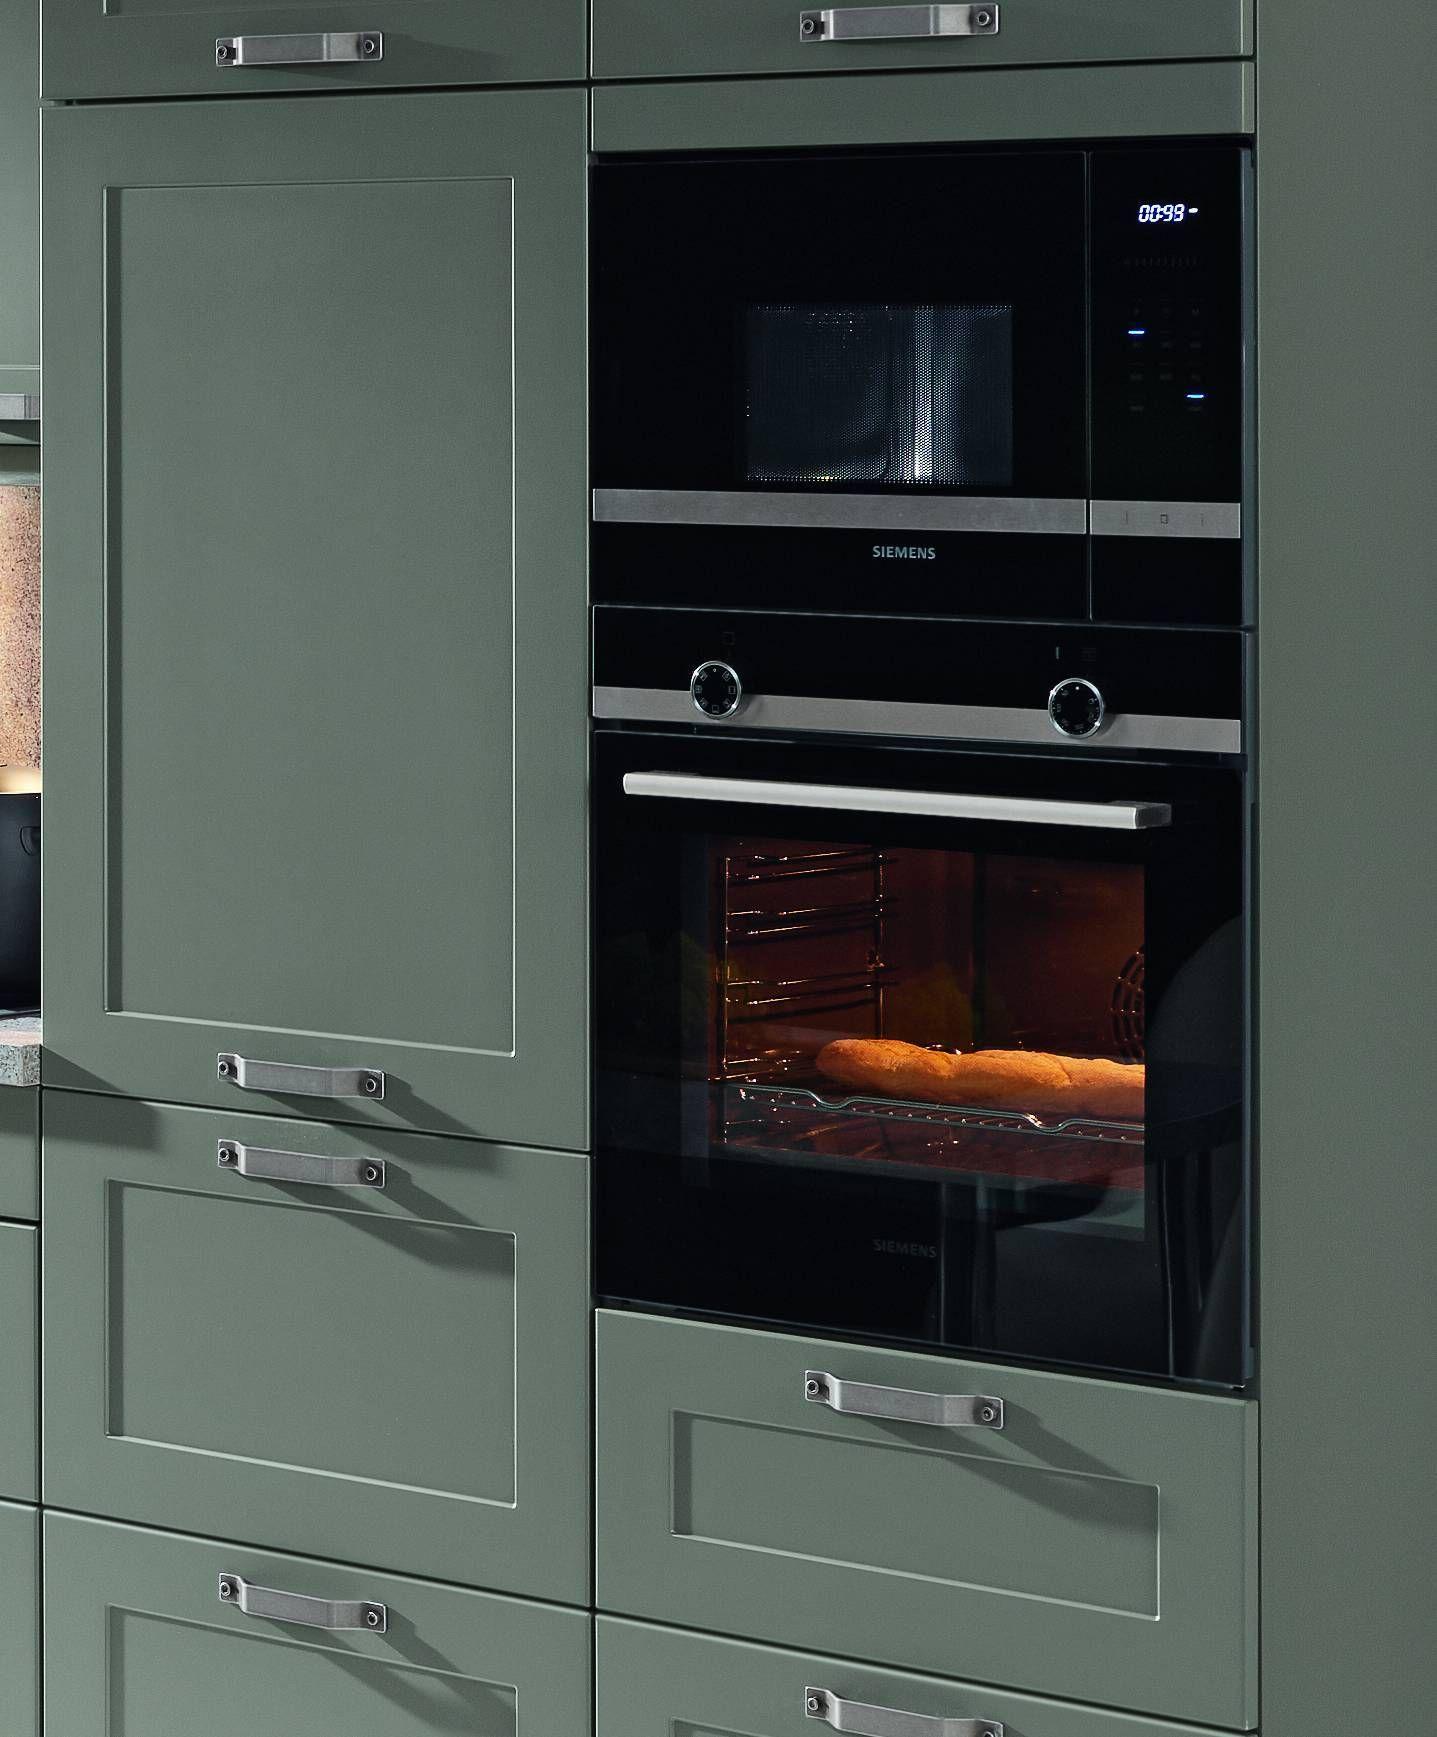 Dunkel Grau Gruner Hochschrank Mit Eingebauten Elektrogeraten Wand Ofen Kuchengalerie Kuche